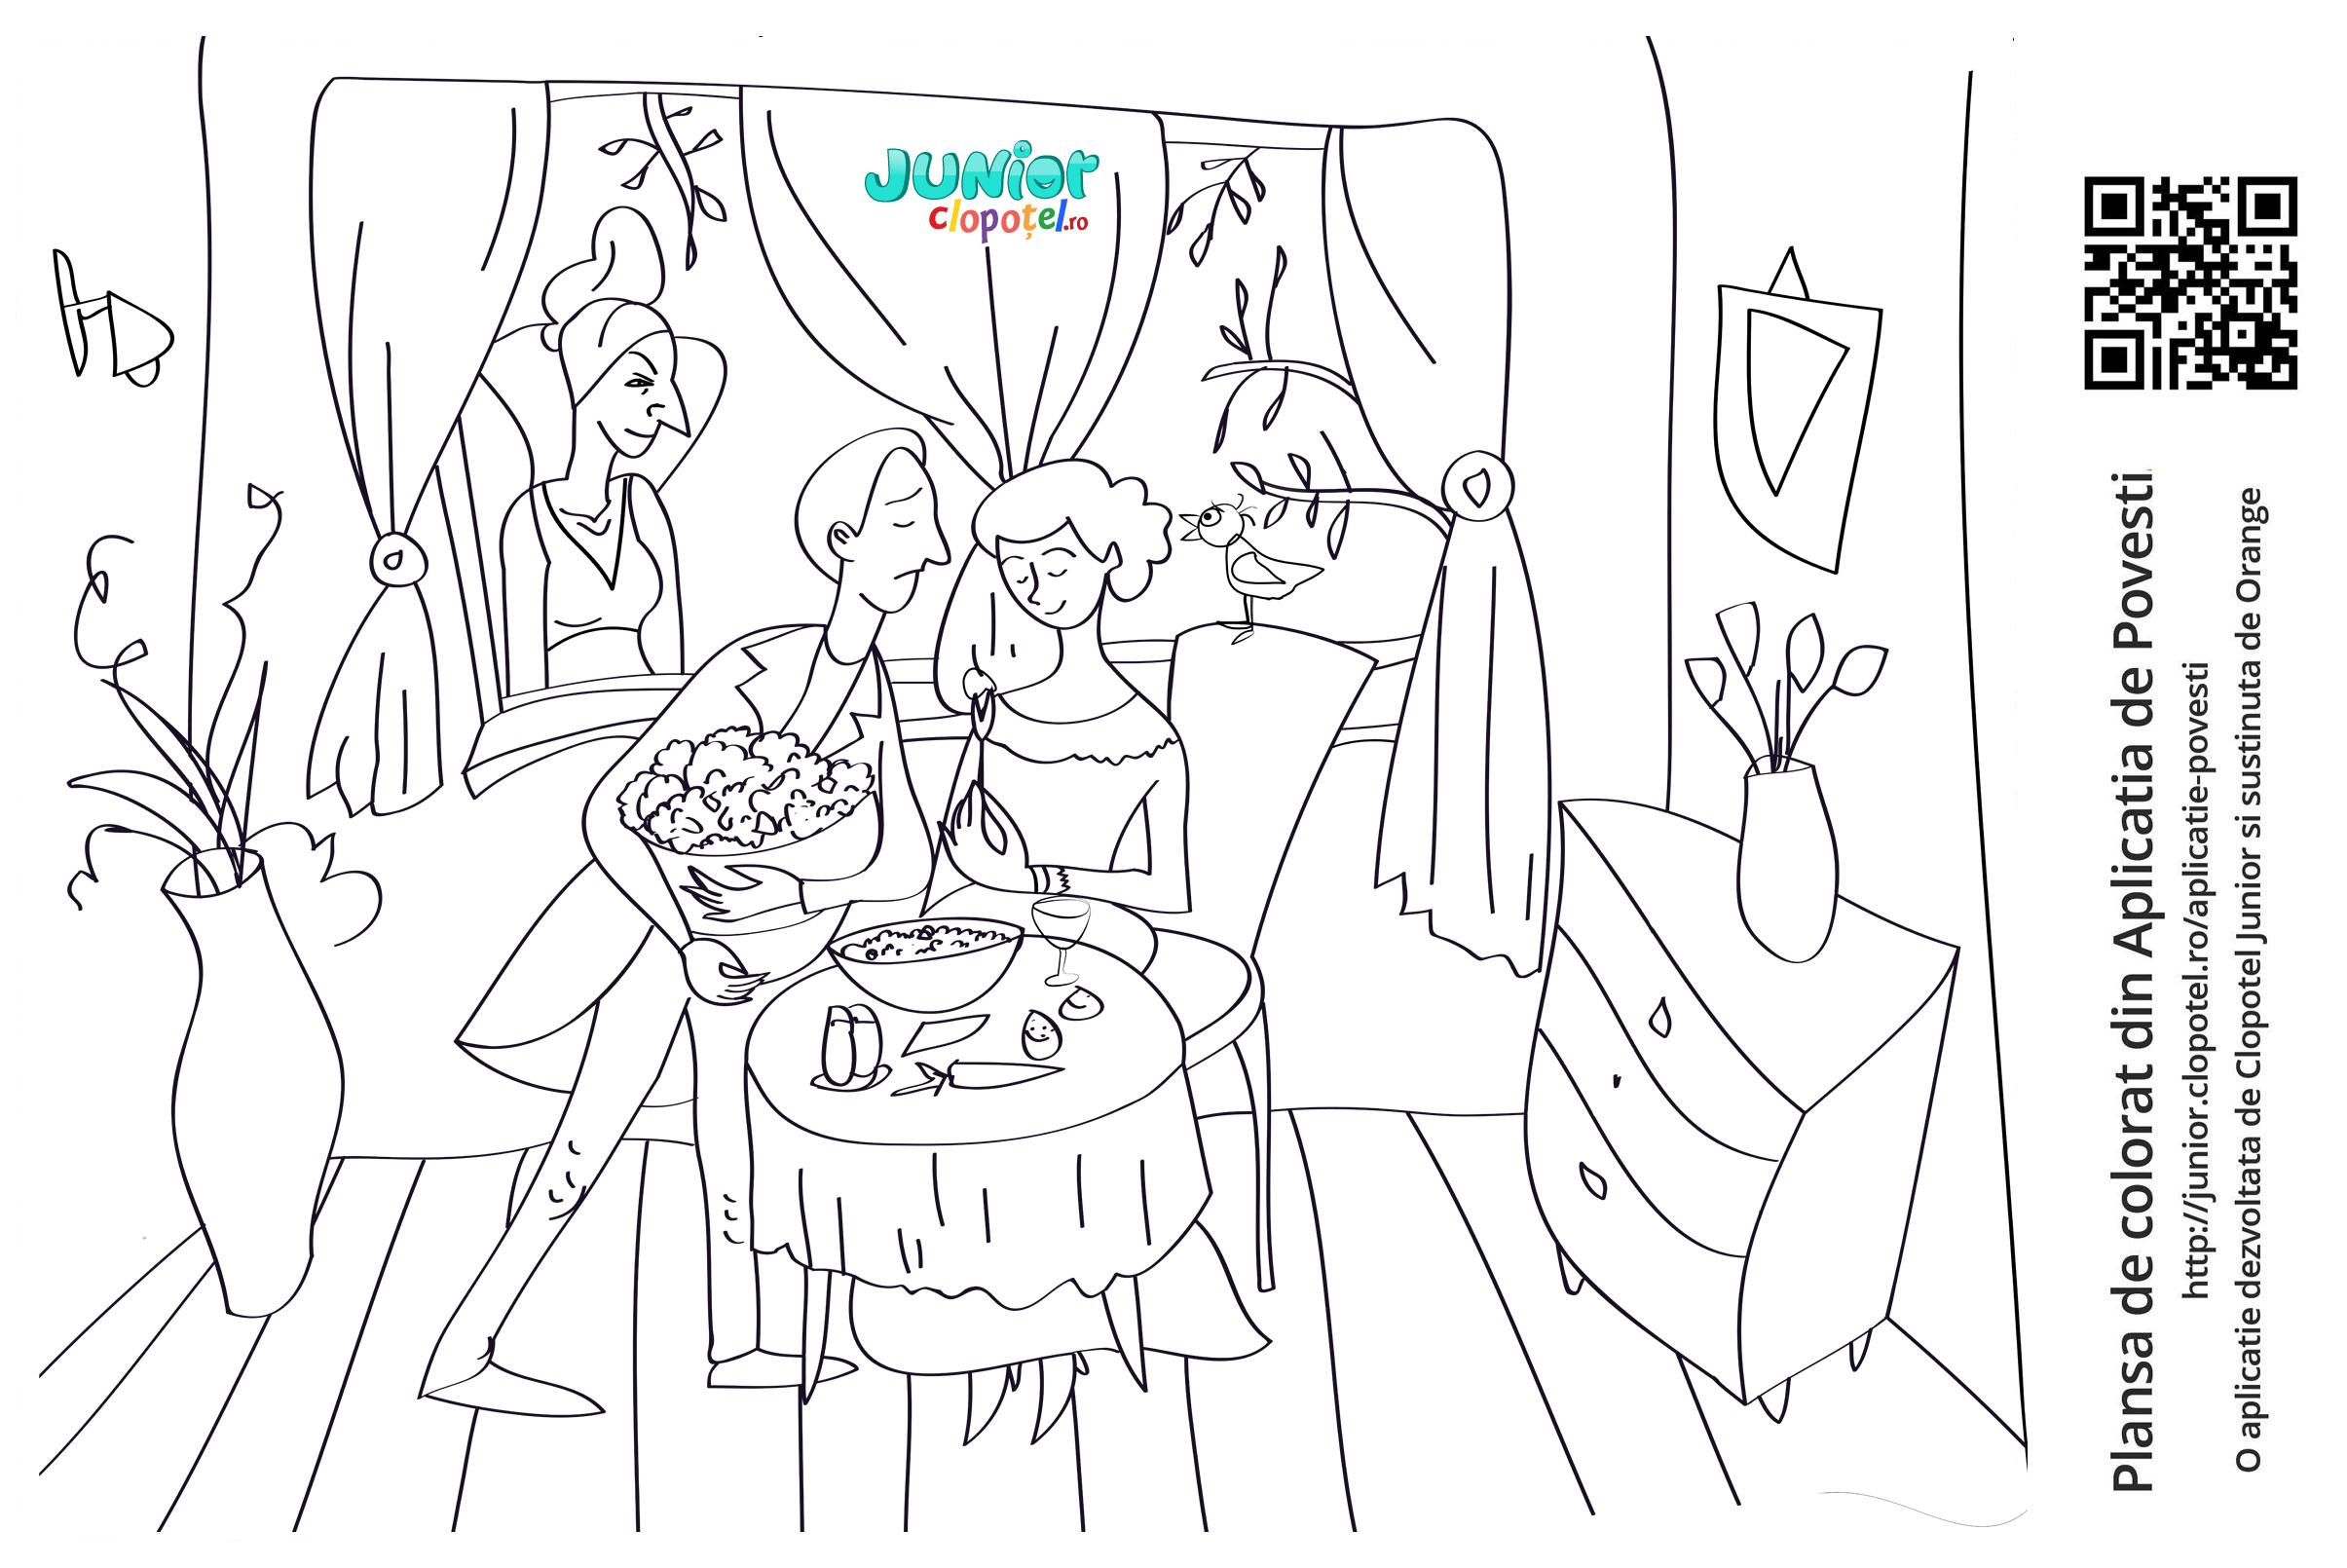 Barbatul ii ofera femeii rapunzel din gradina